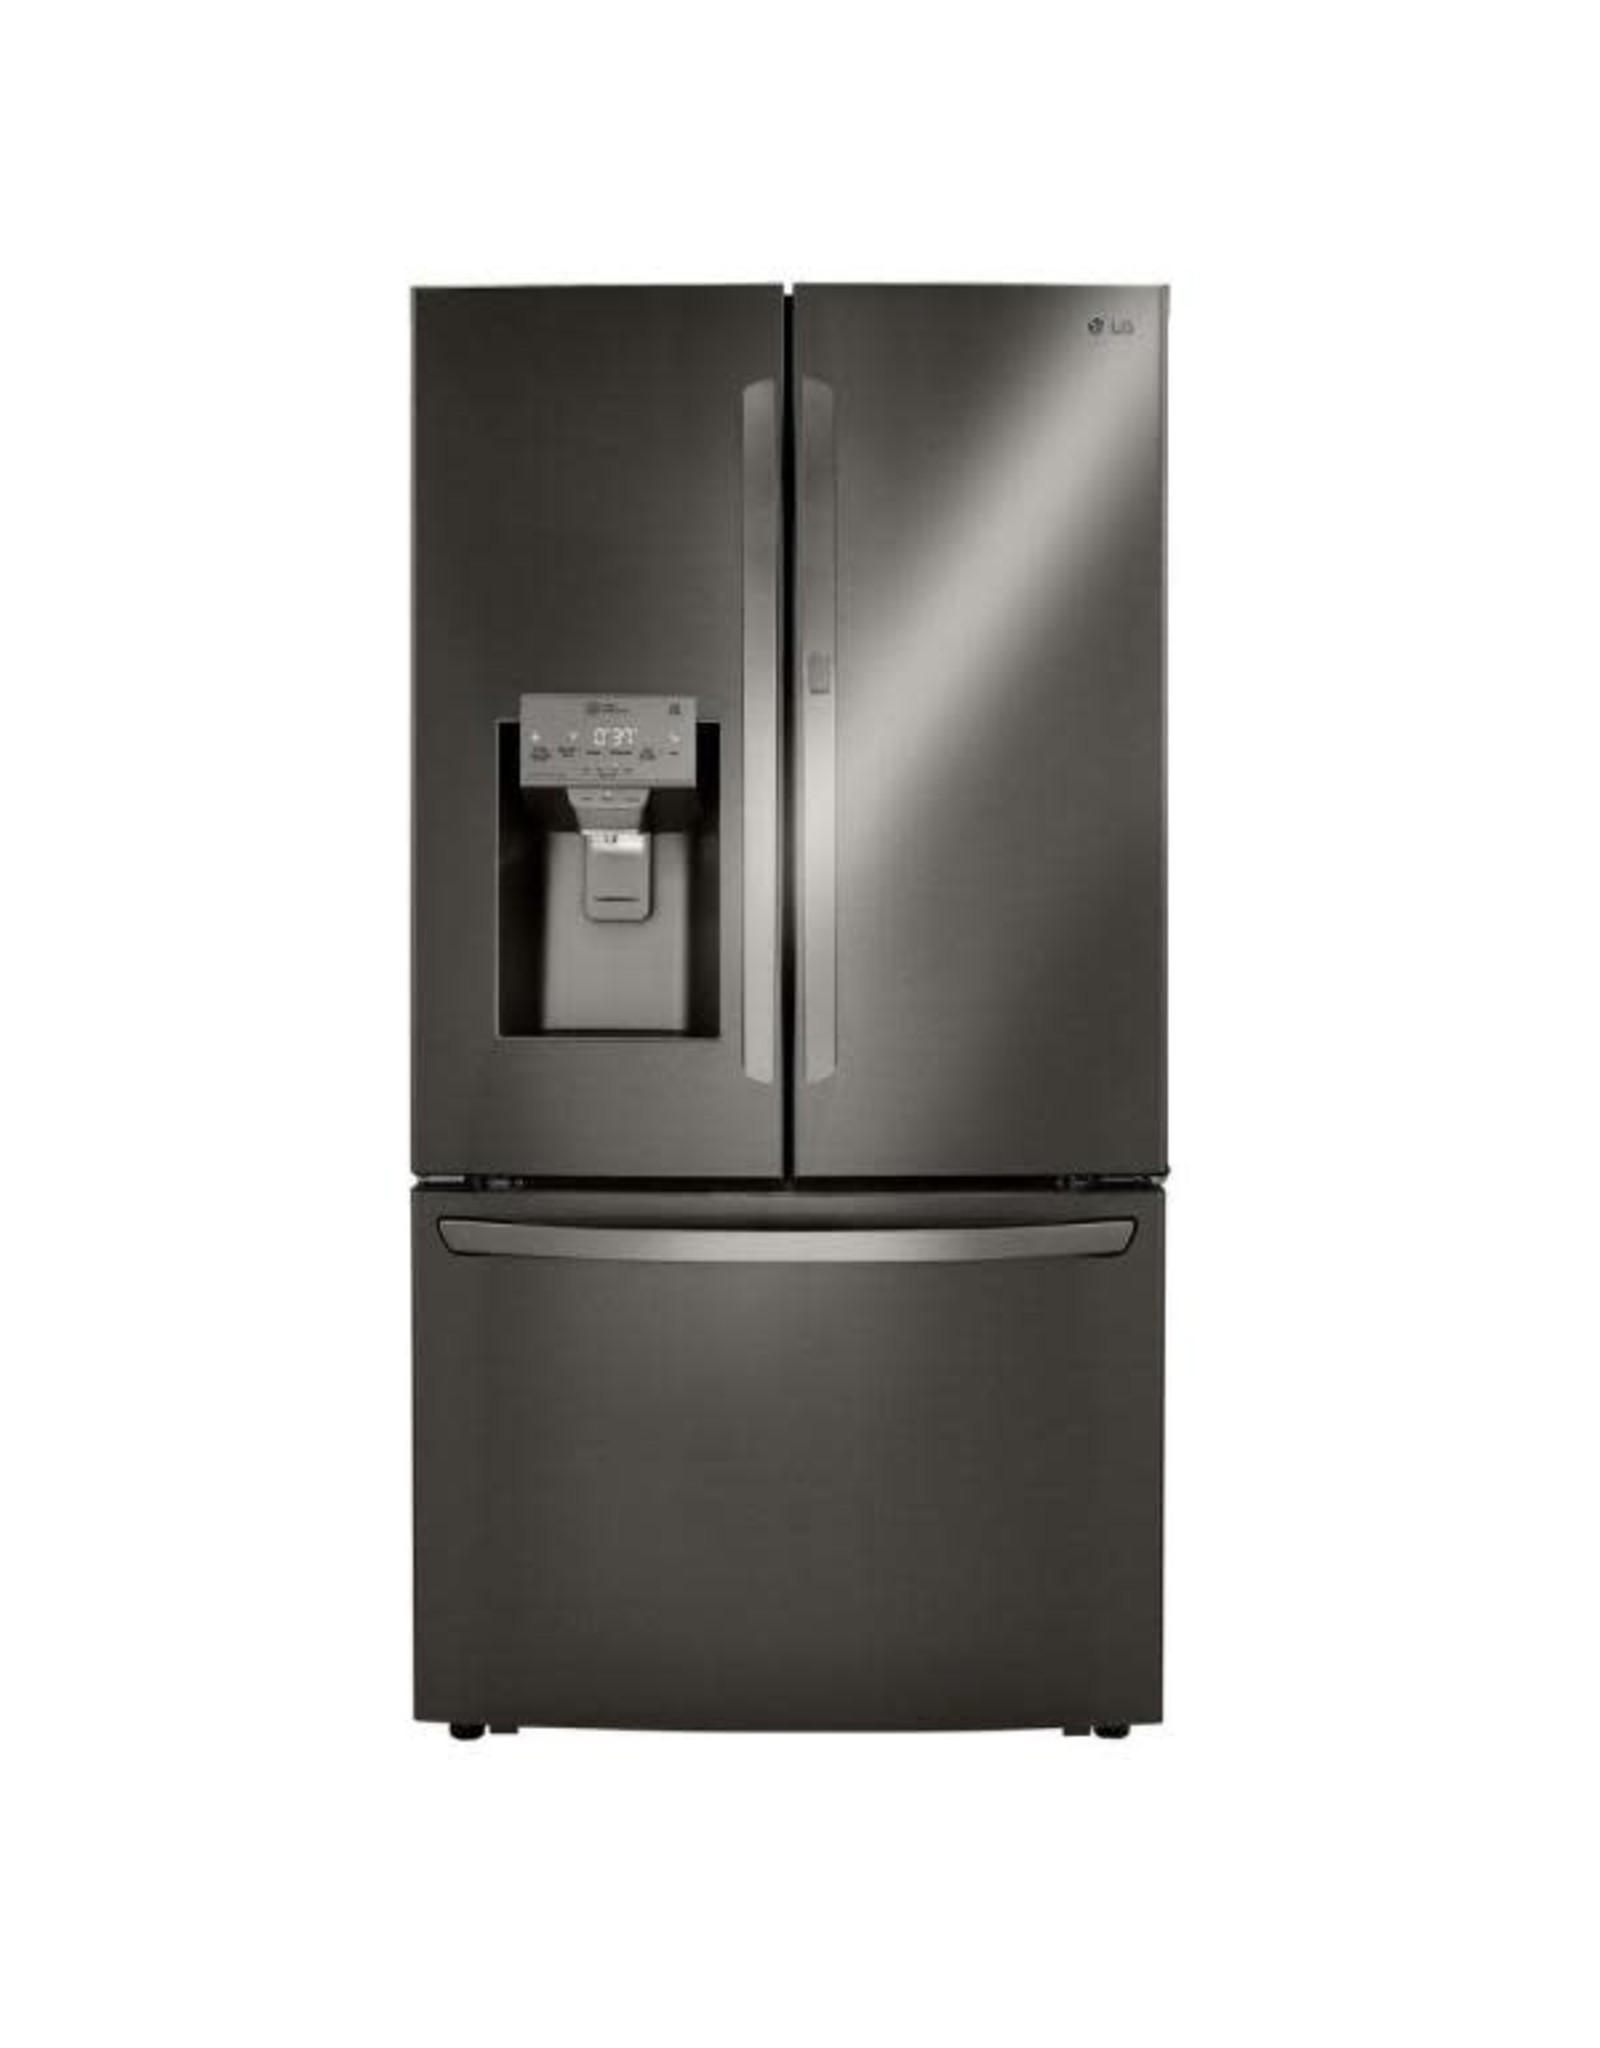 LG Electronics 29.7 cu. ft. Smart French Door Refrigerator, Door-In-Door, Dual Ice with Craft Ice in PrintProof Black Stainless Steel